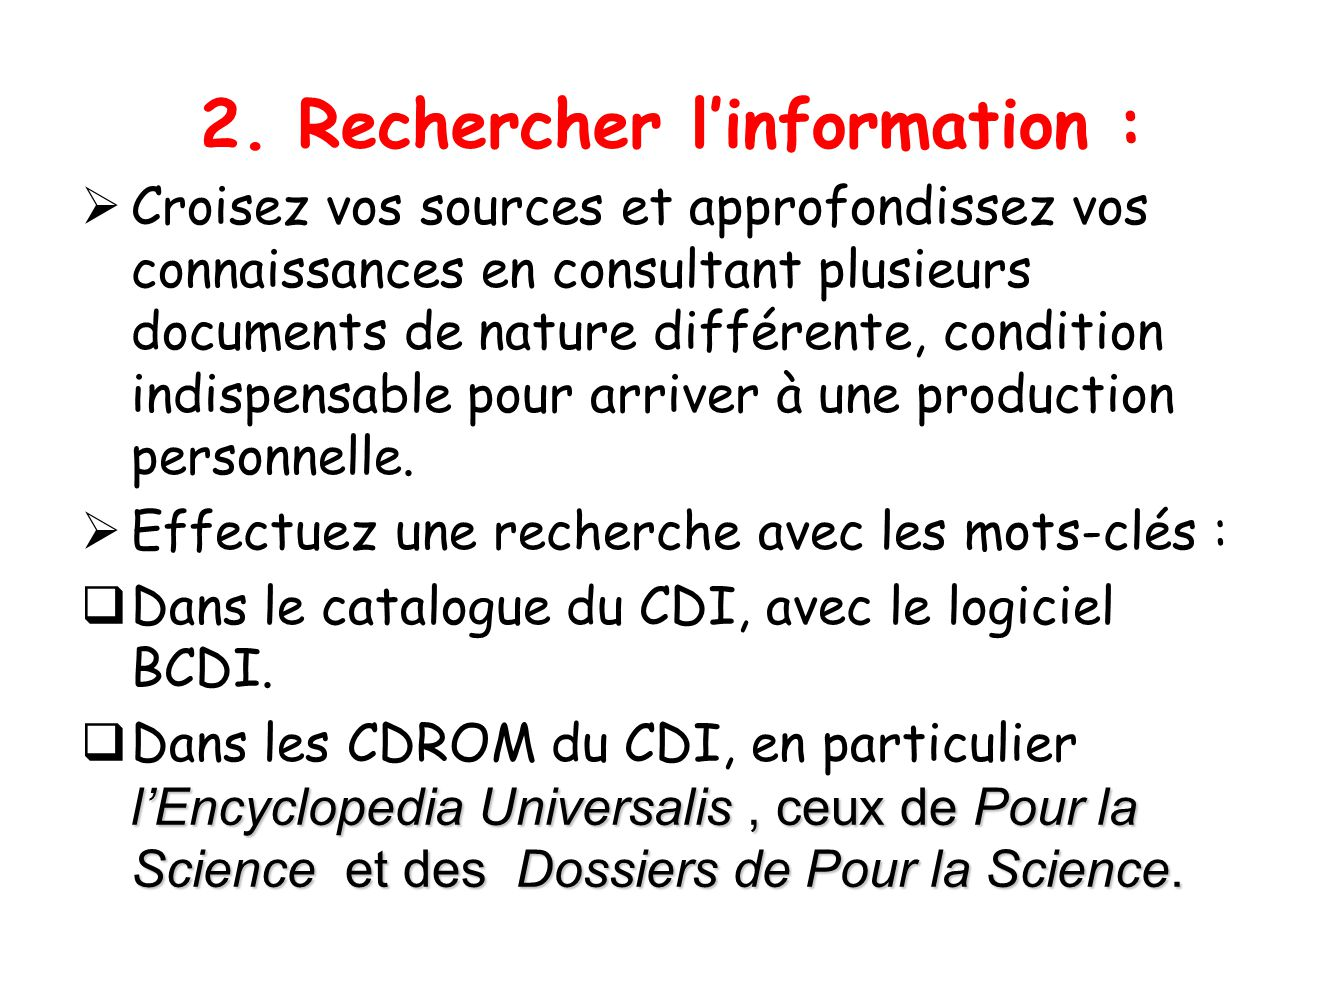 2. Rechercher l'information :